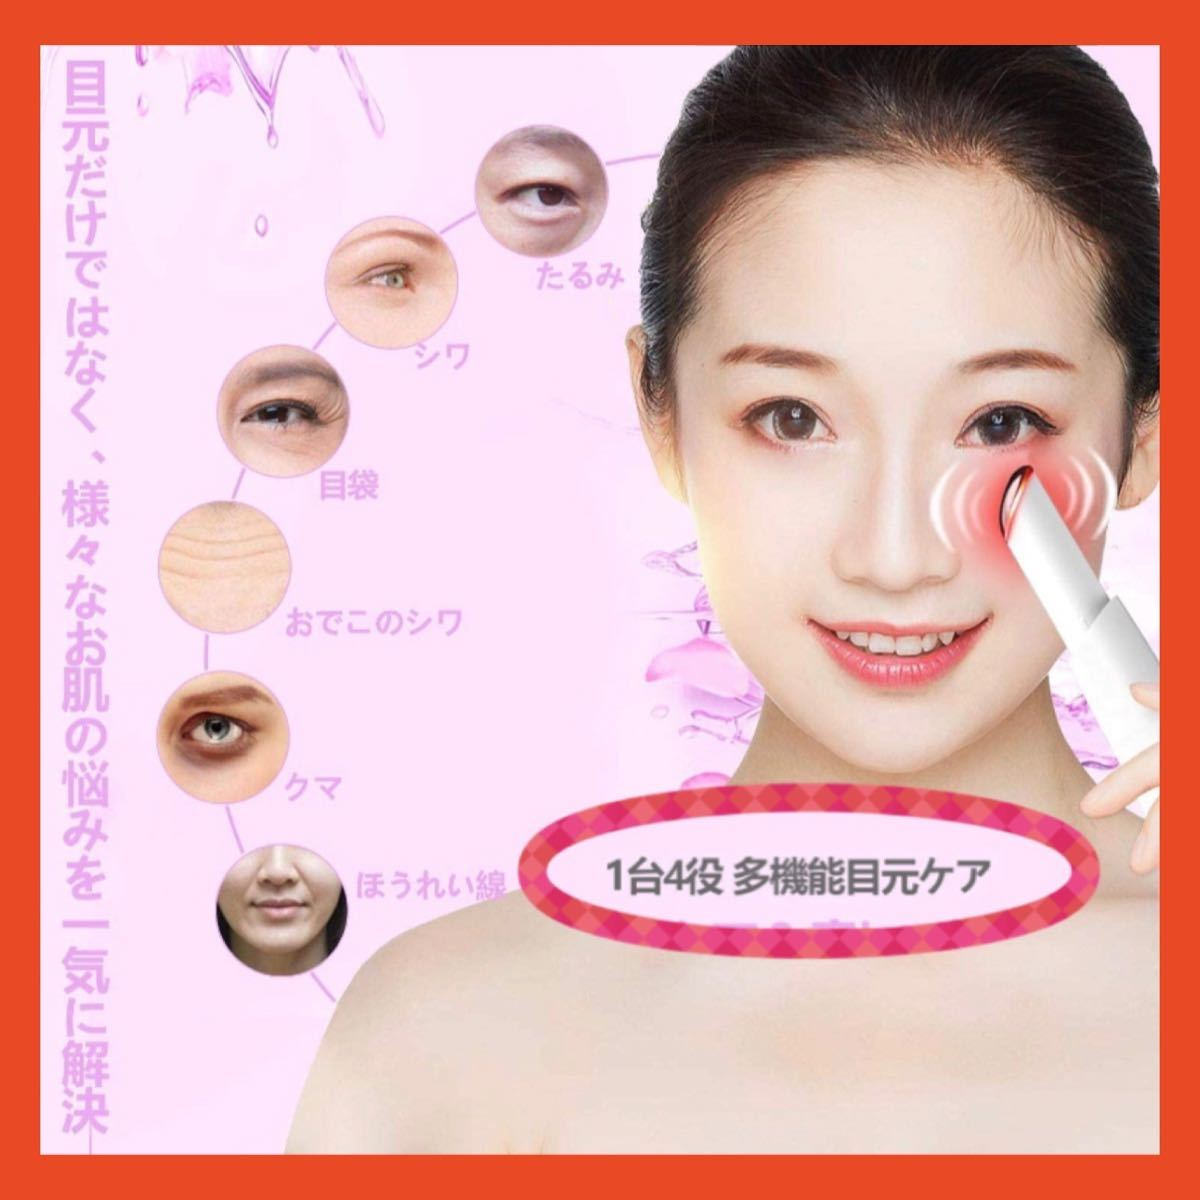 新品未使用品 美顔器 イオン導入 目元ケア 充電式